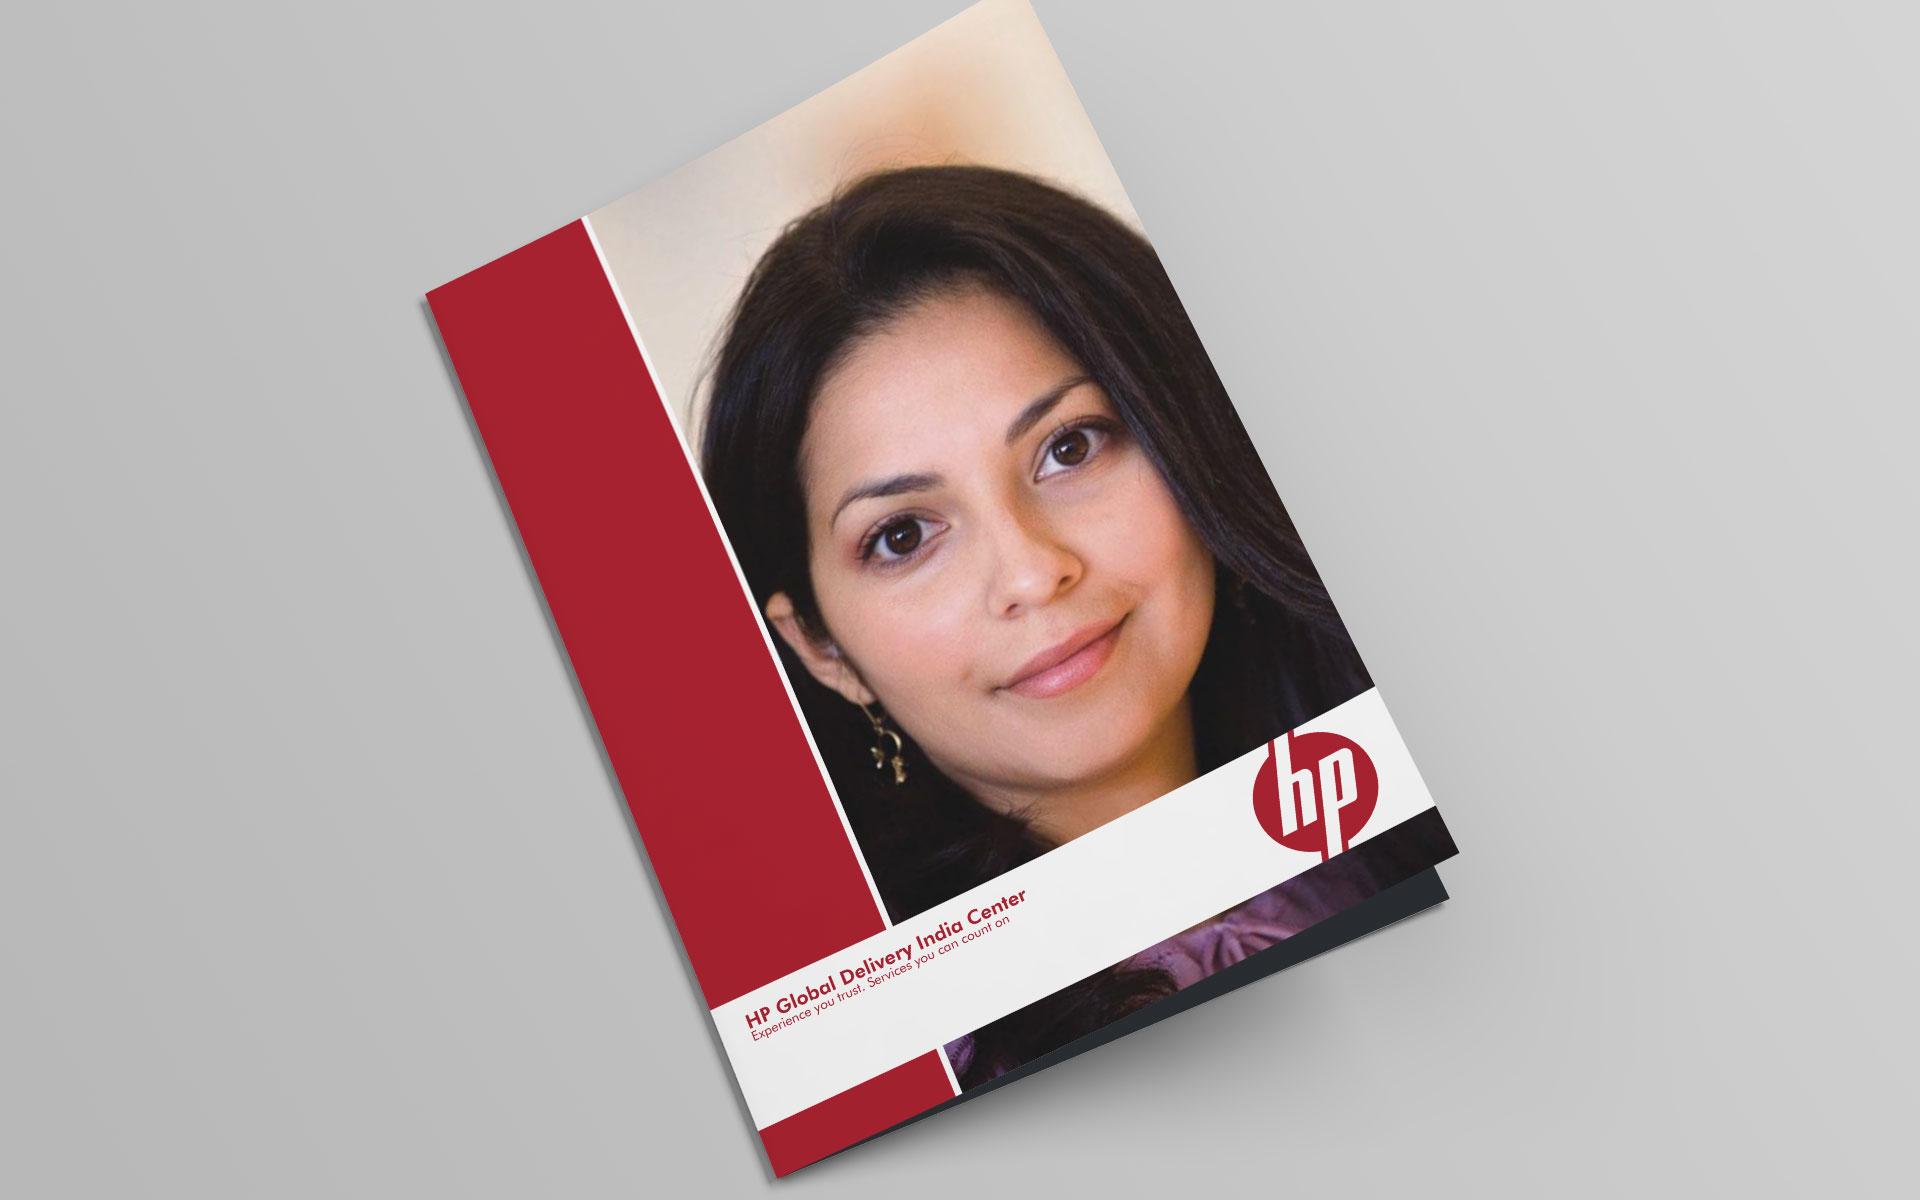 Brochure design for Hewlett Packard - hp